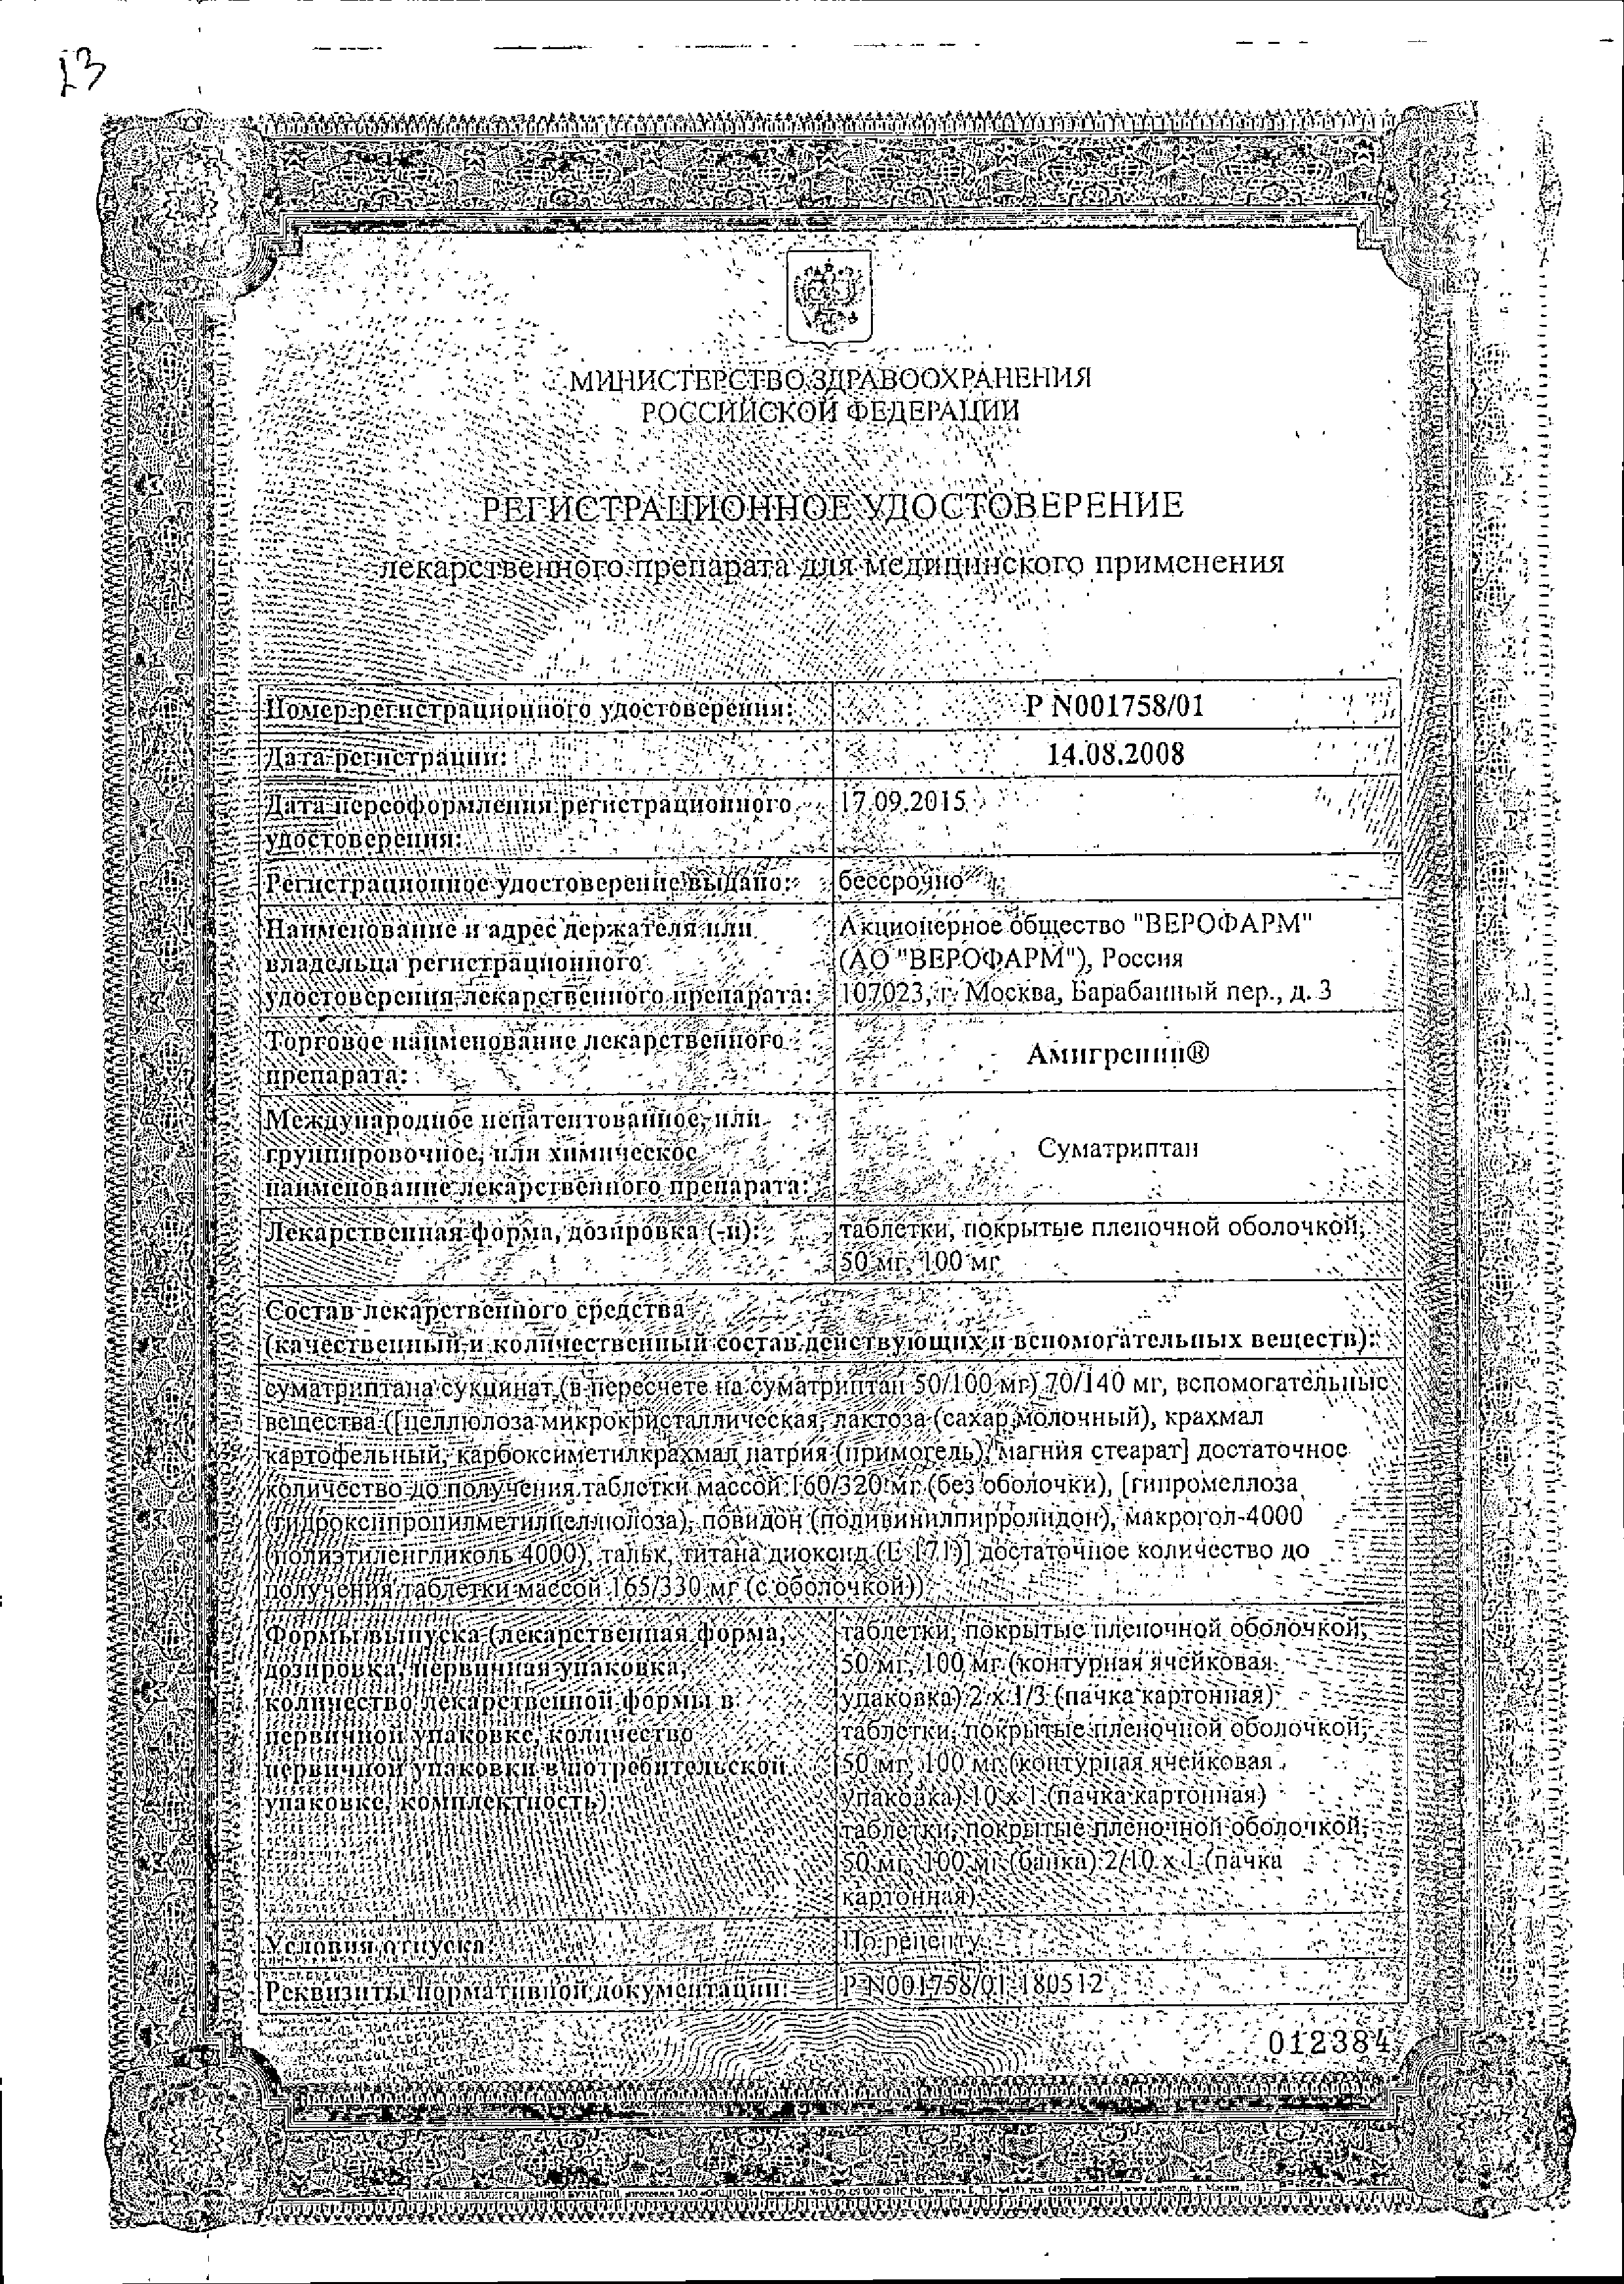 Амигренин сертификат